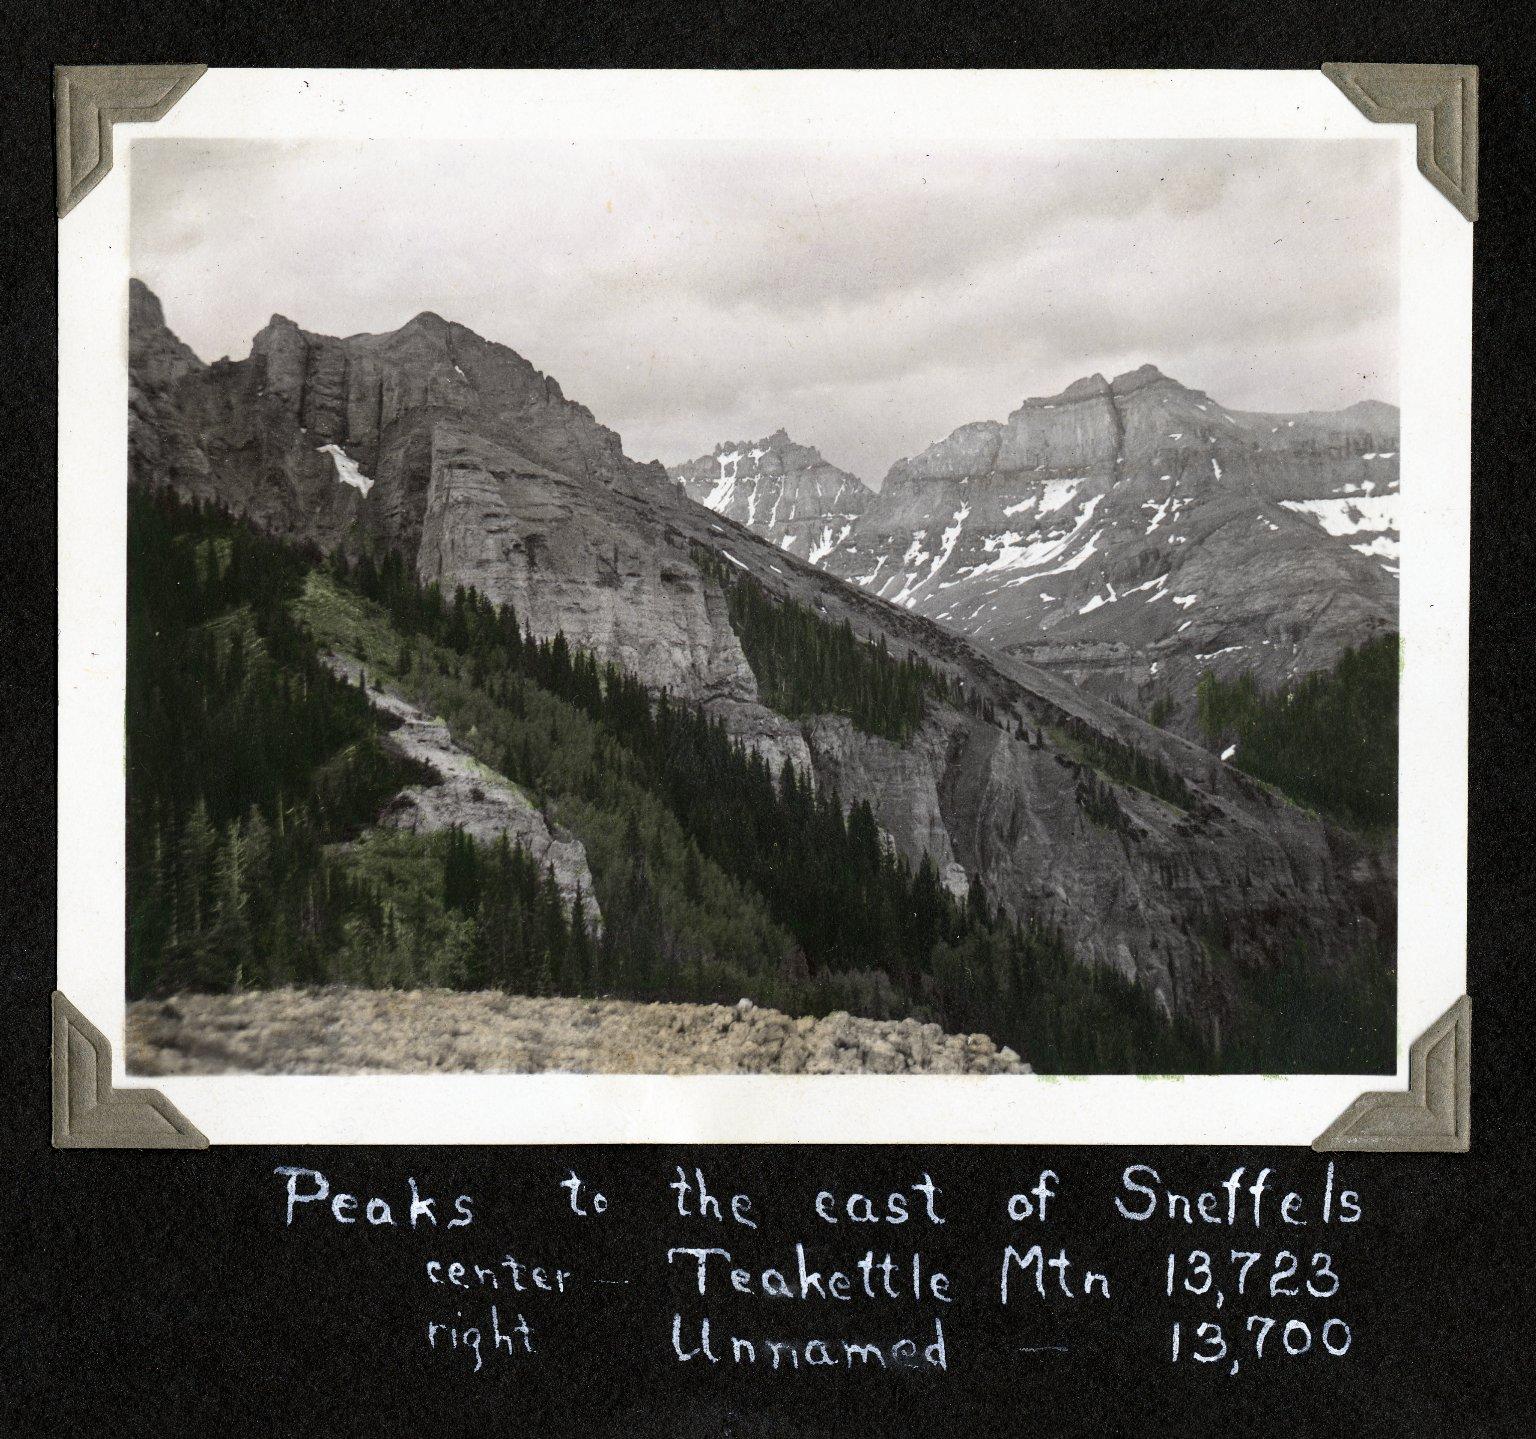 Peaks to the East of Sneffels